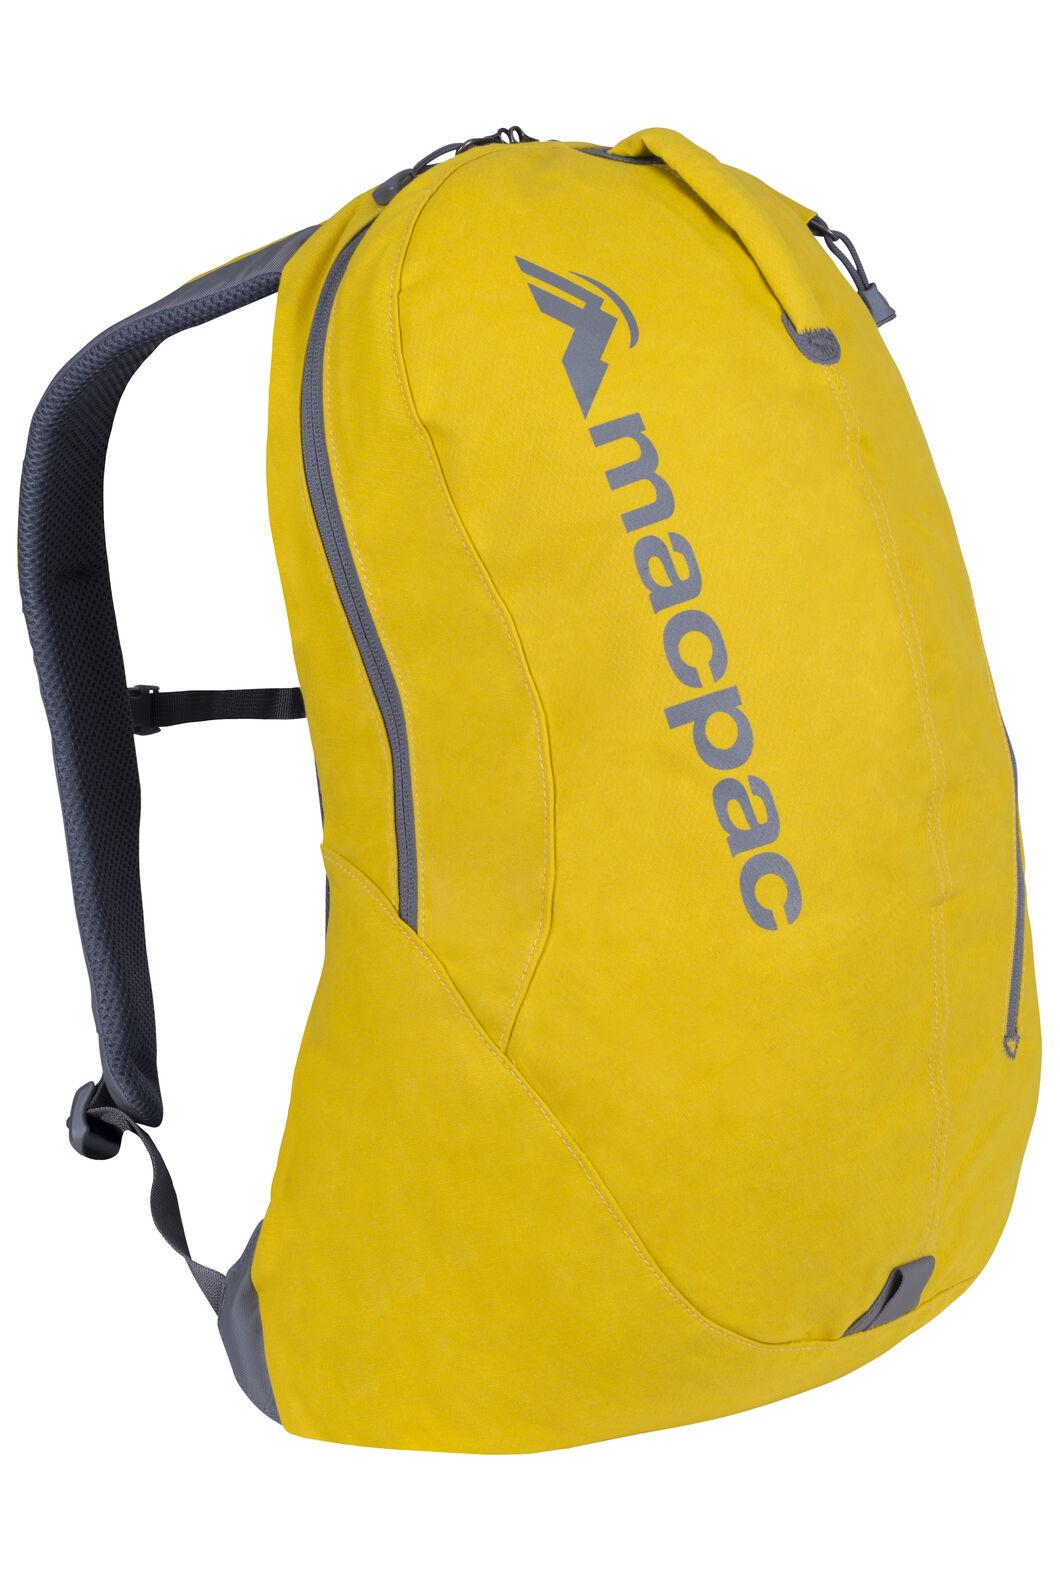 Macpac Kahu AzTec® 22L Backpack, Sulphur, hi-res